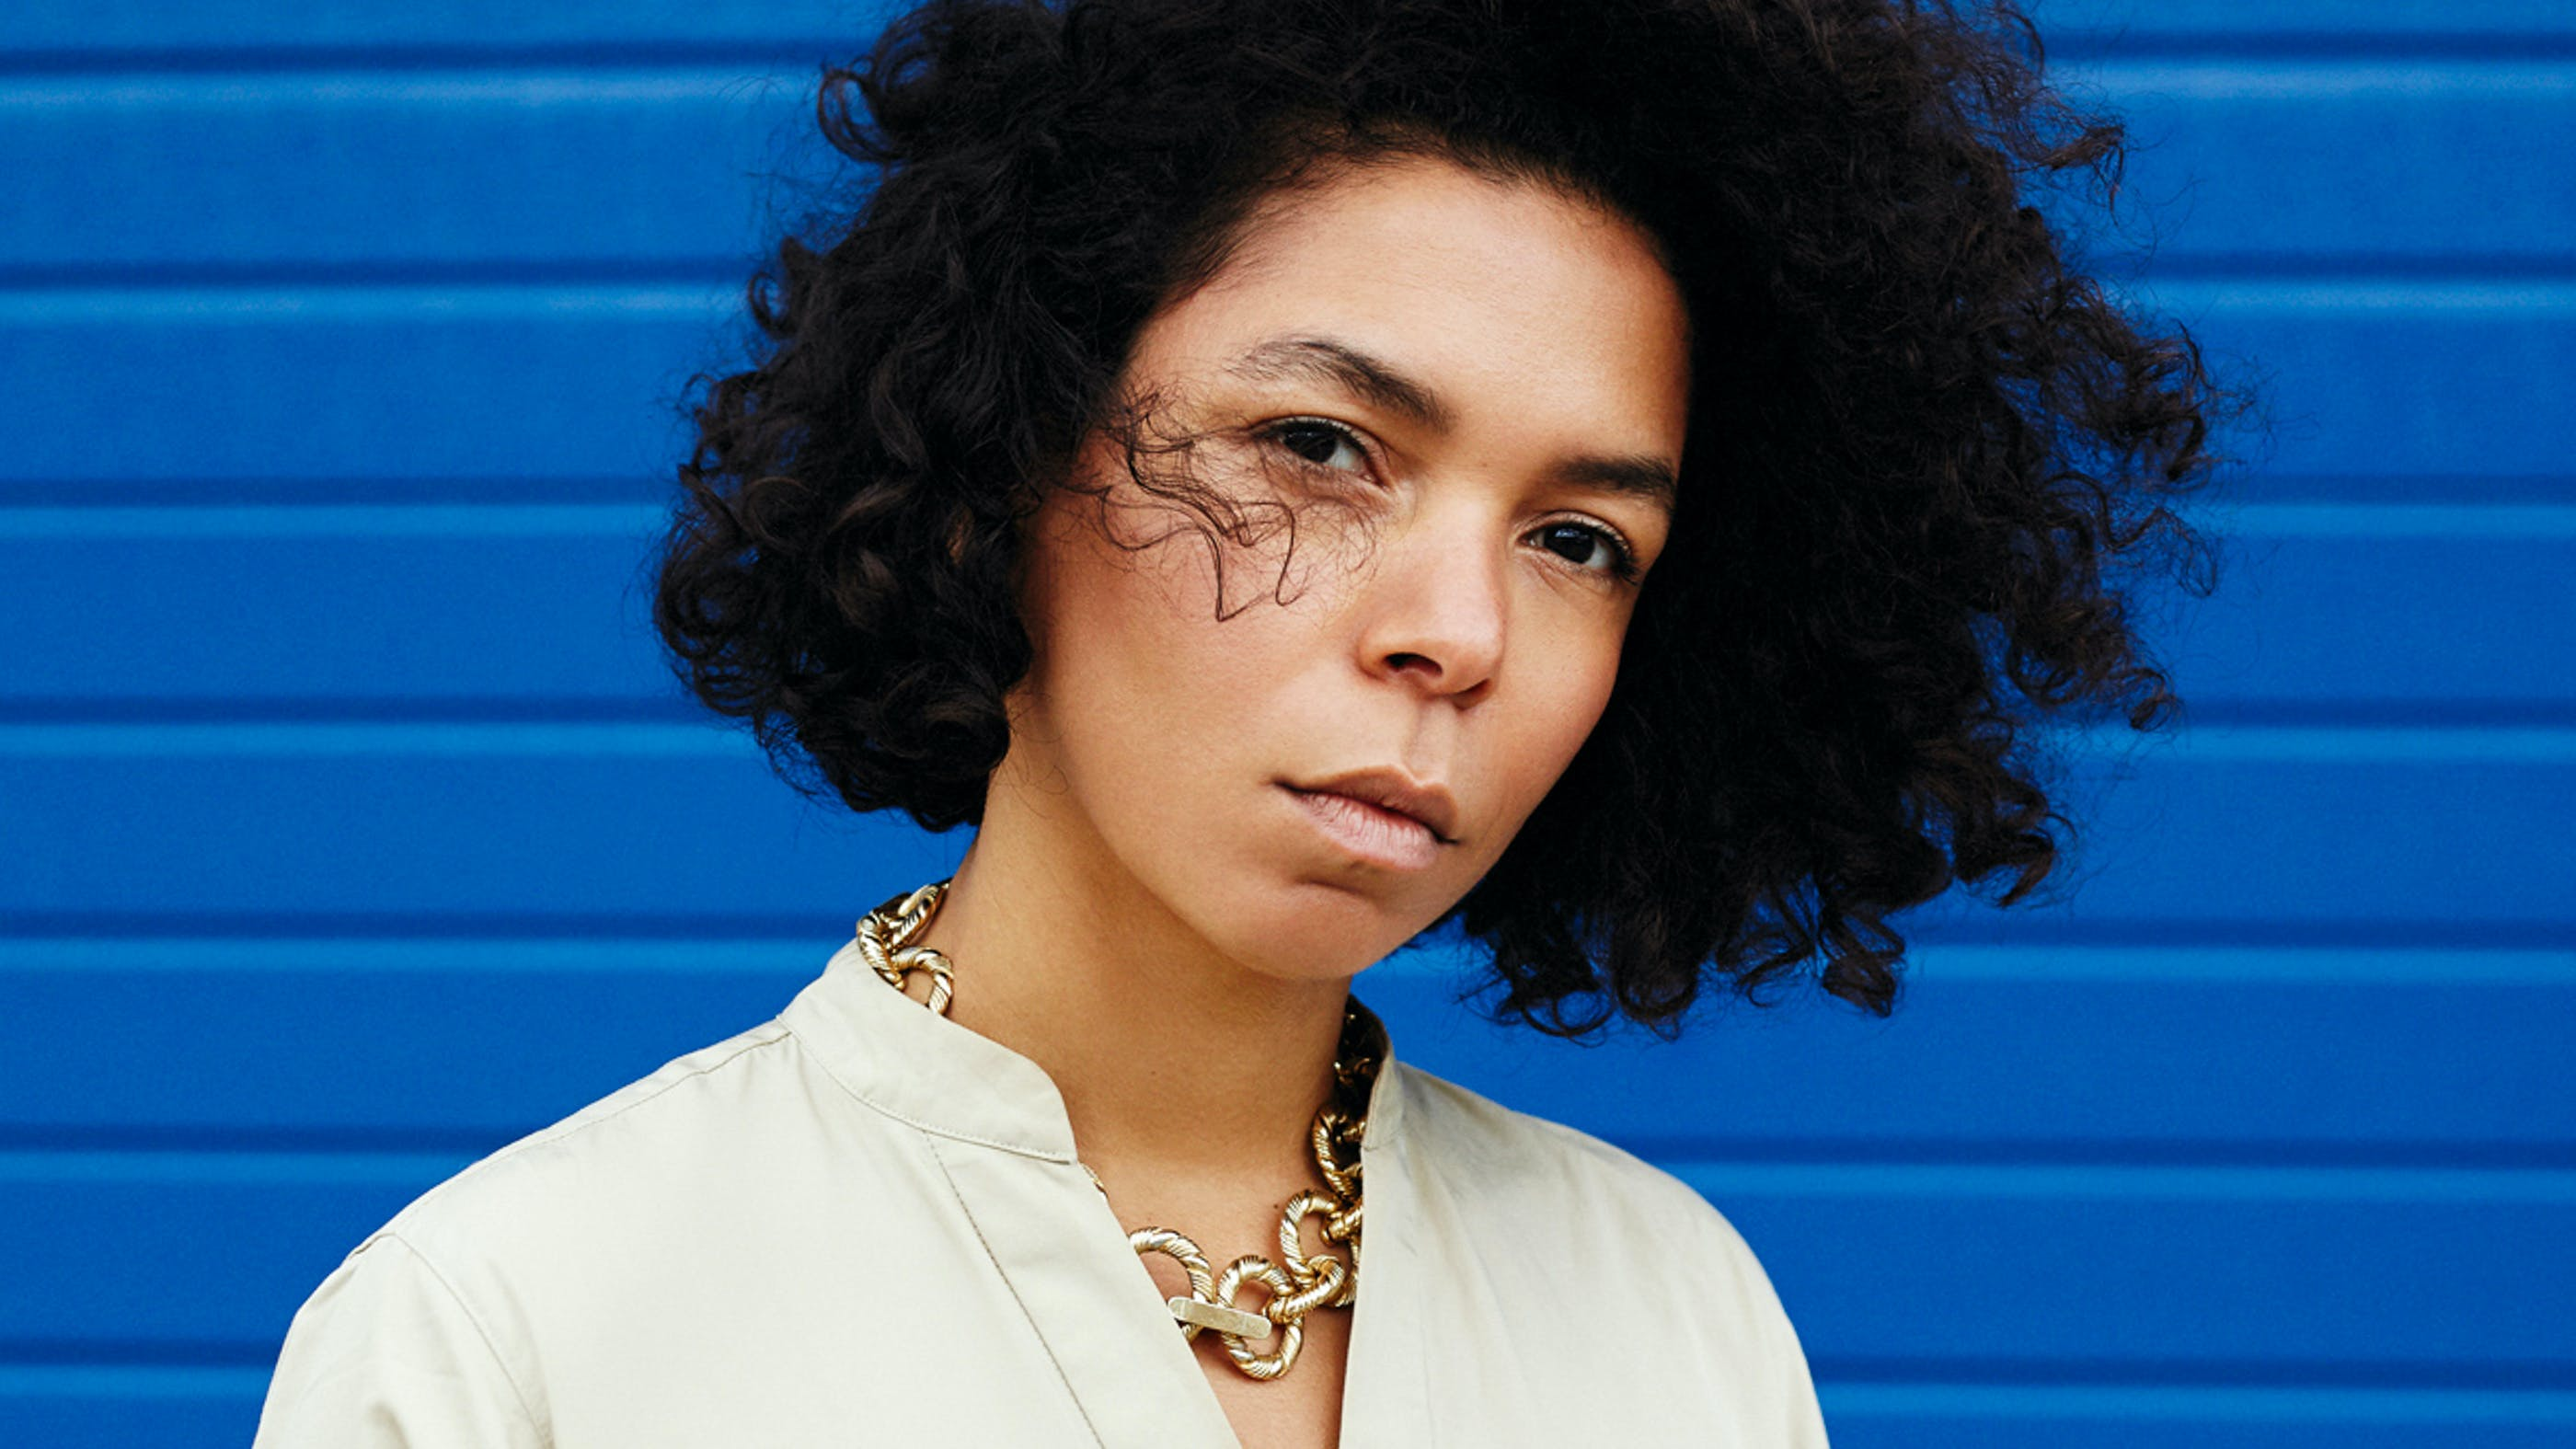 Wir sehen die Autorin Katharina Warda, wie sie heute aussieht. Locken, braune Augen und einen relativ ersten Gesichtsausdruck, fotografiert vor einer blauen Wand.